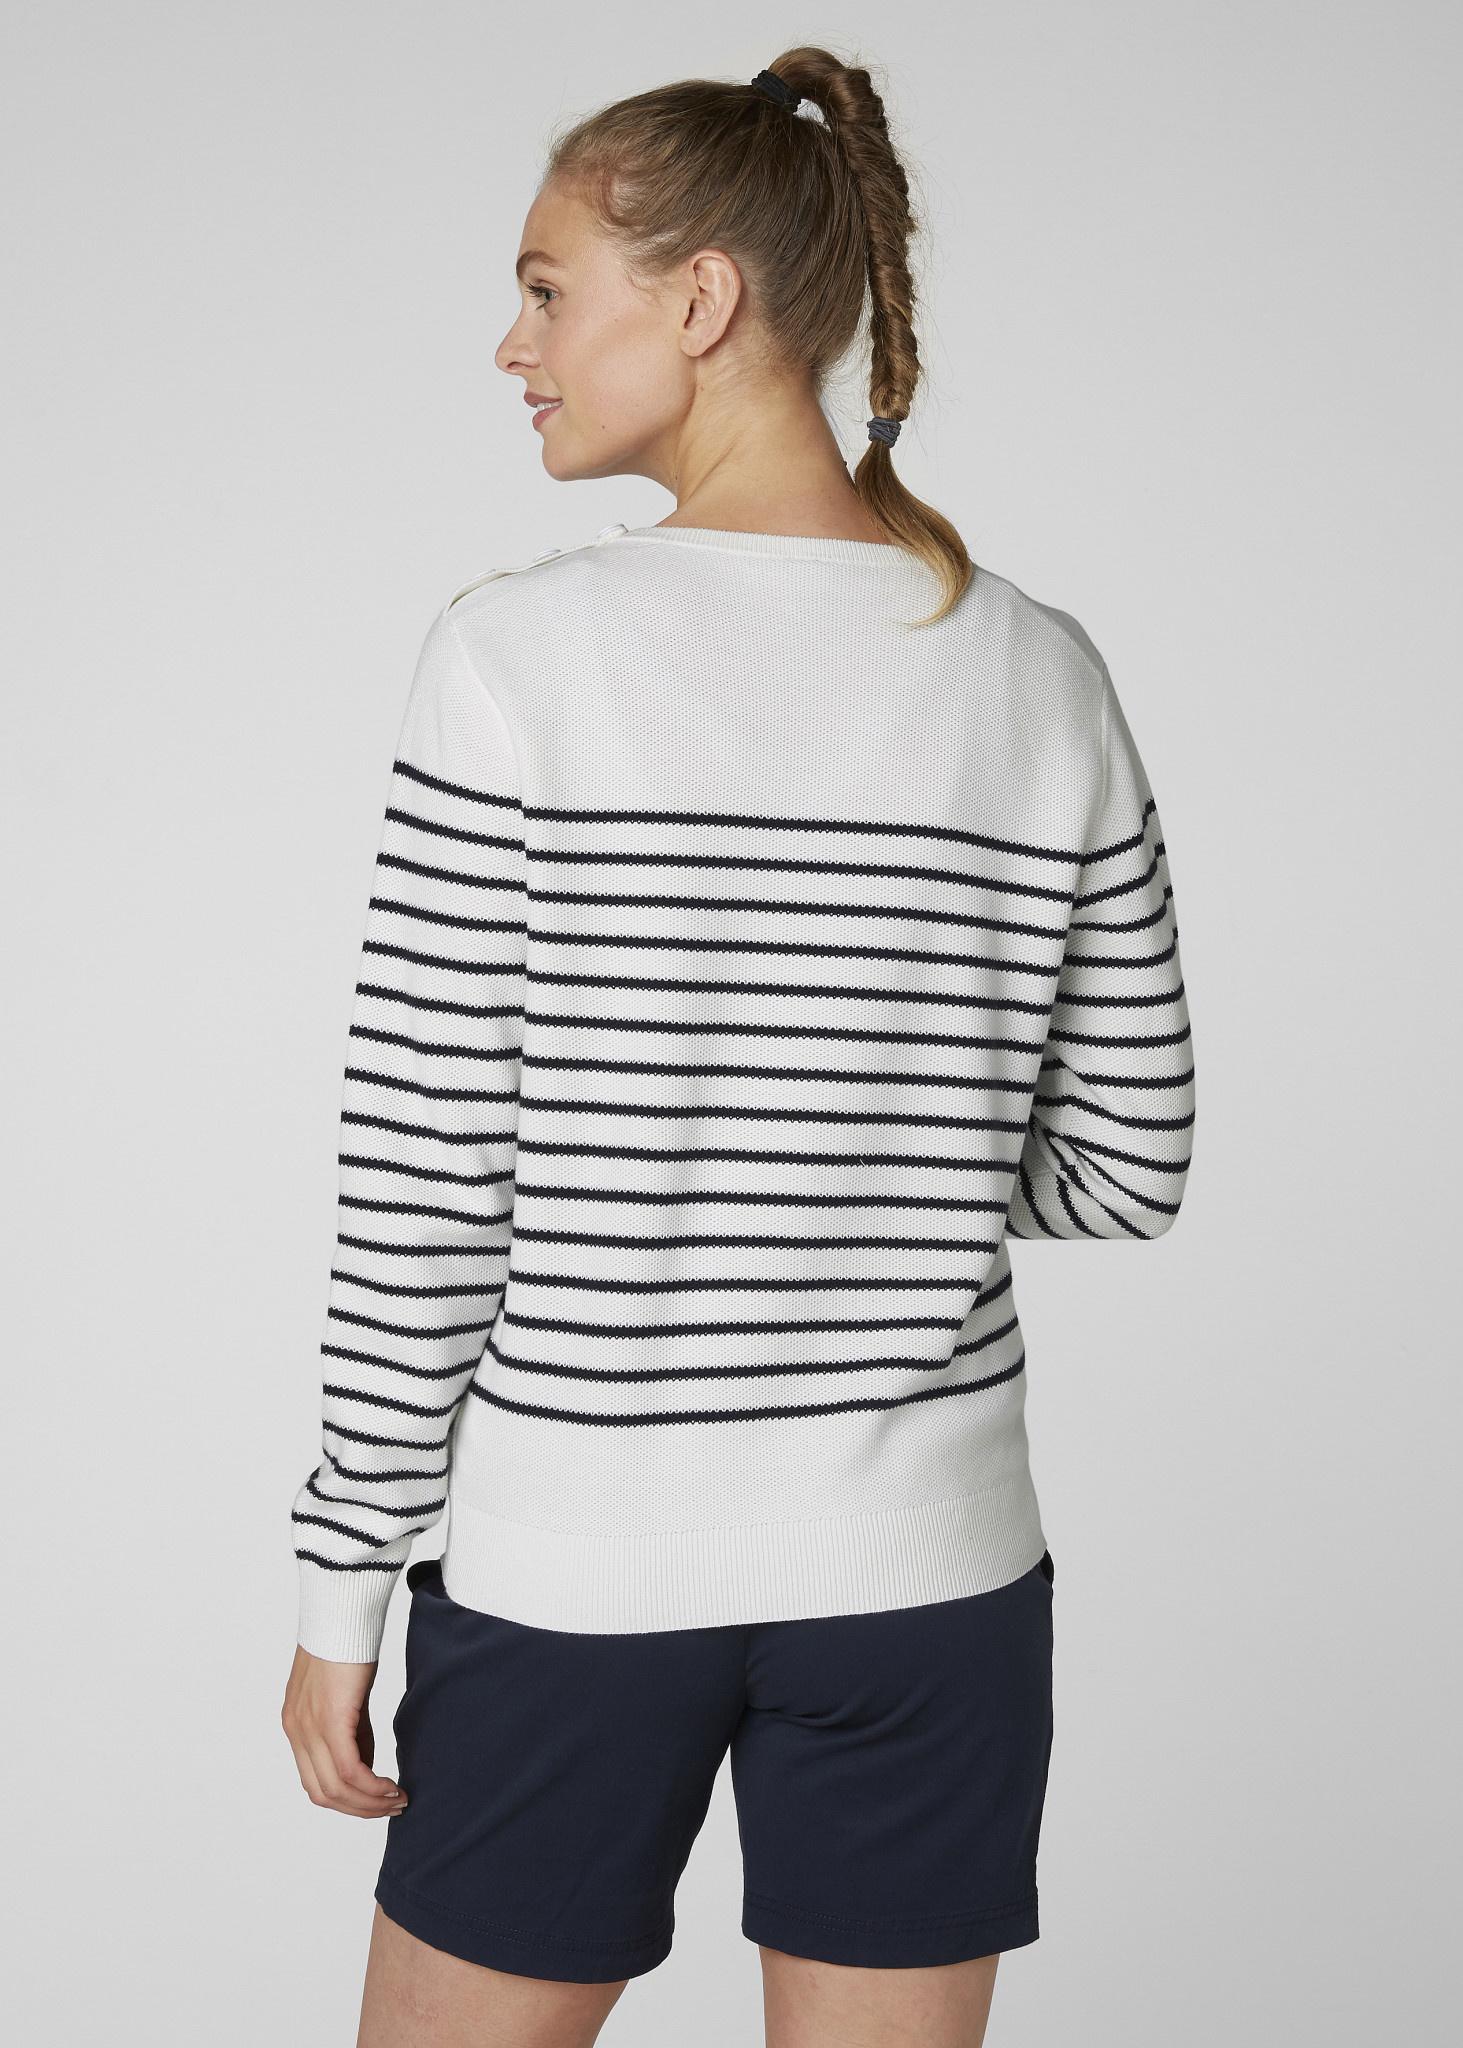 Helly Hansen Skagen Sweater - Offwhite